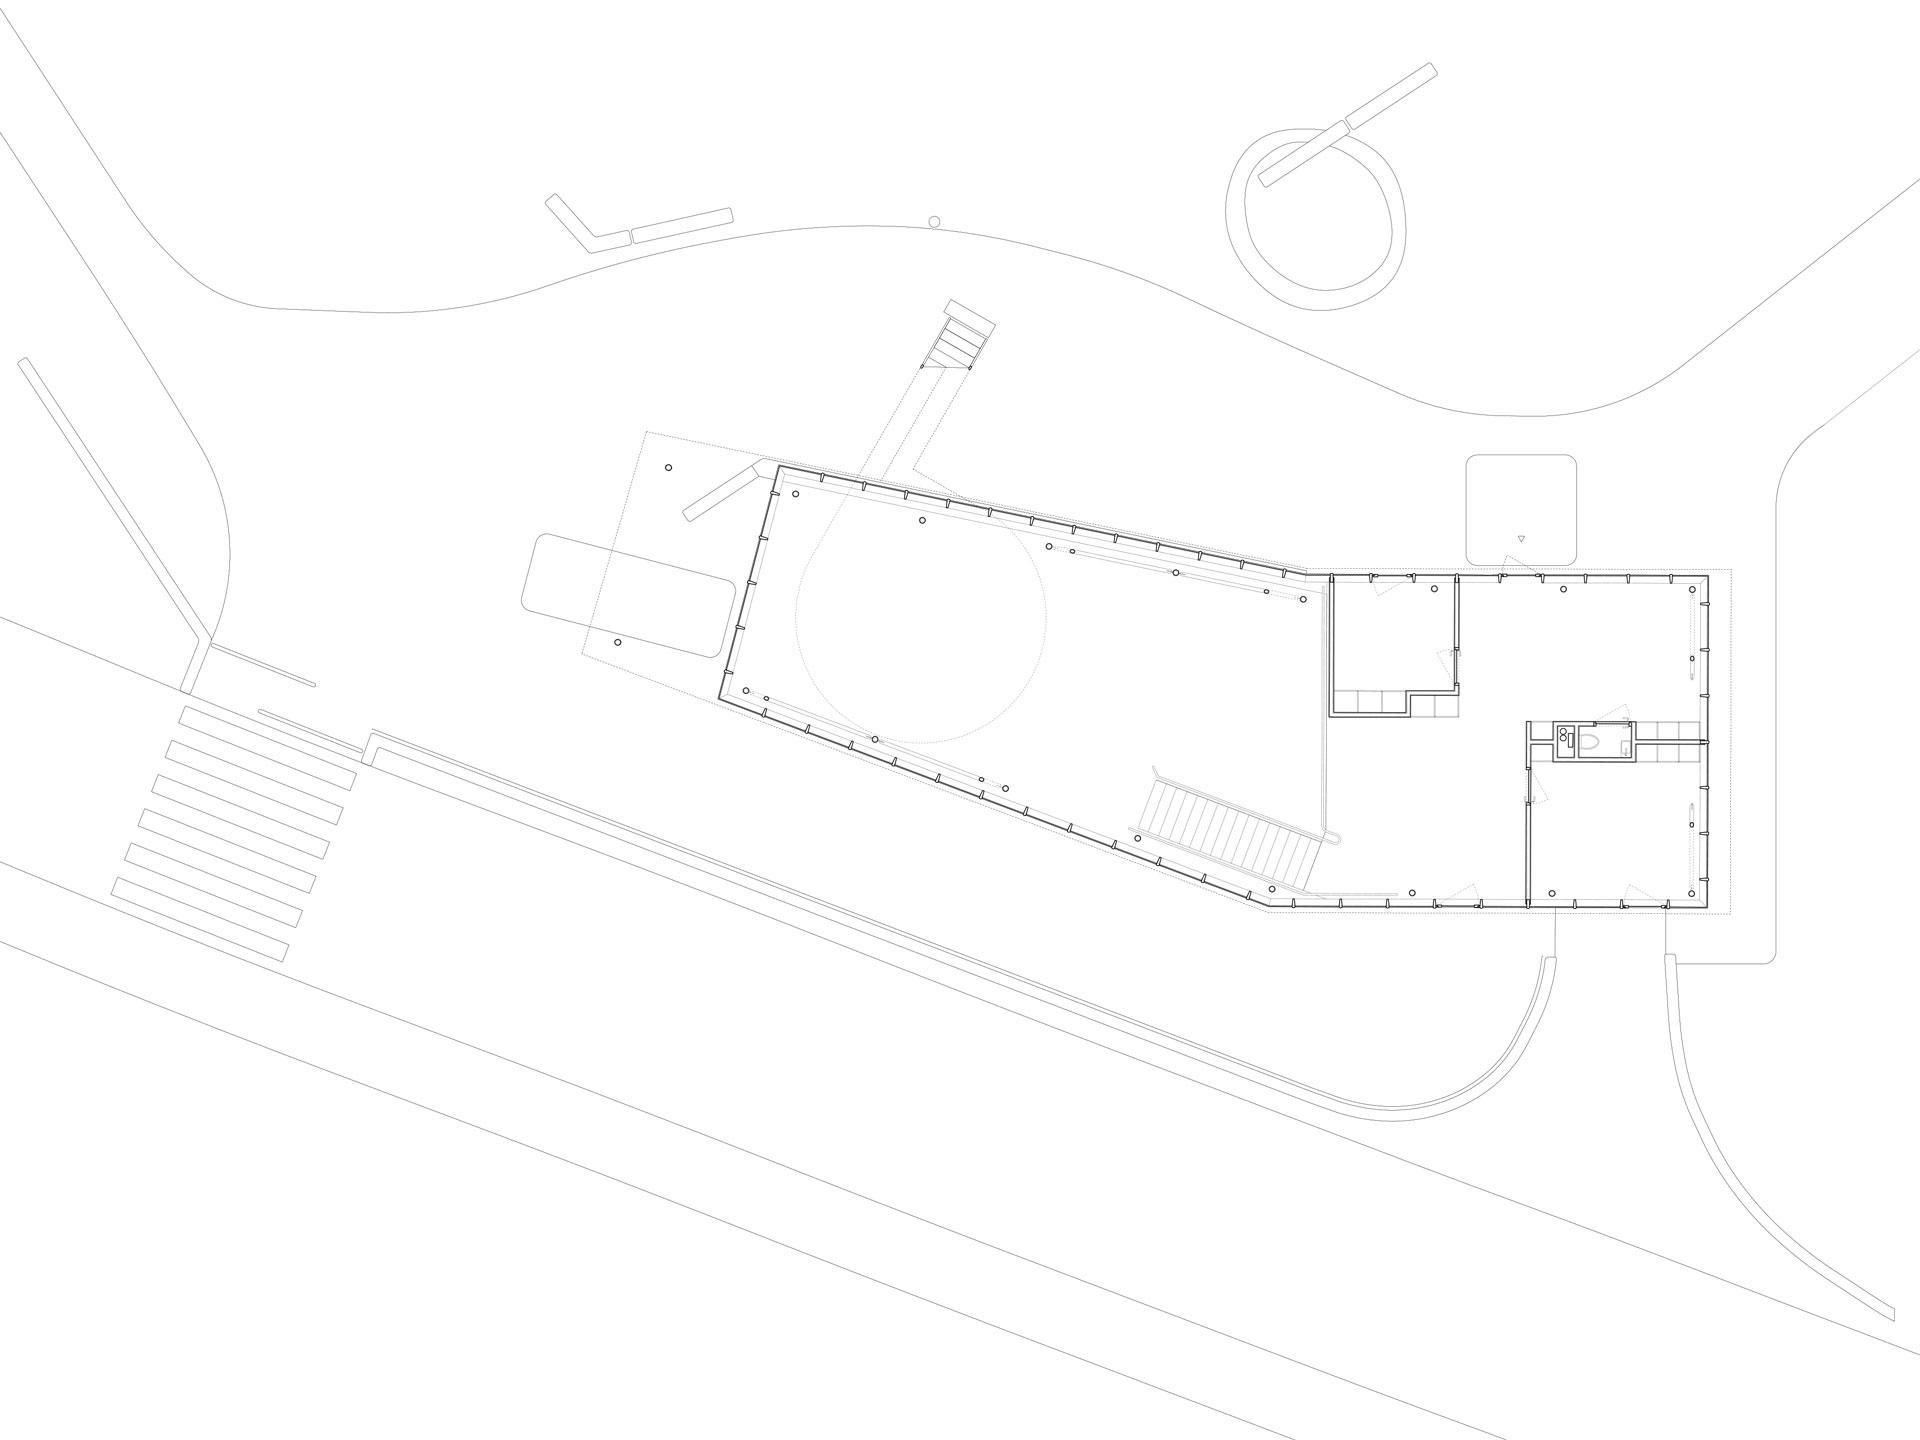 Obergeschossgrundriss mit der Weiterentwicklung des Hauptraumes sowie dem Spielgruppenraum und dem Büro